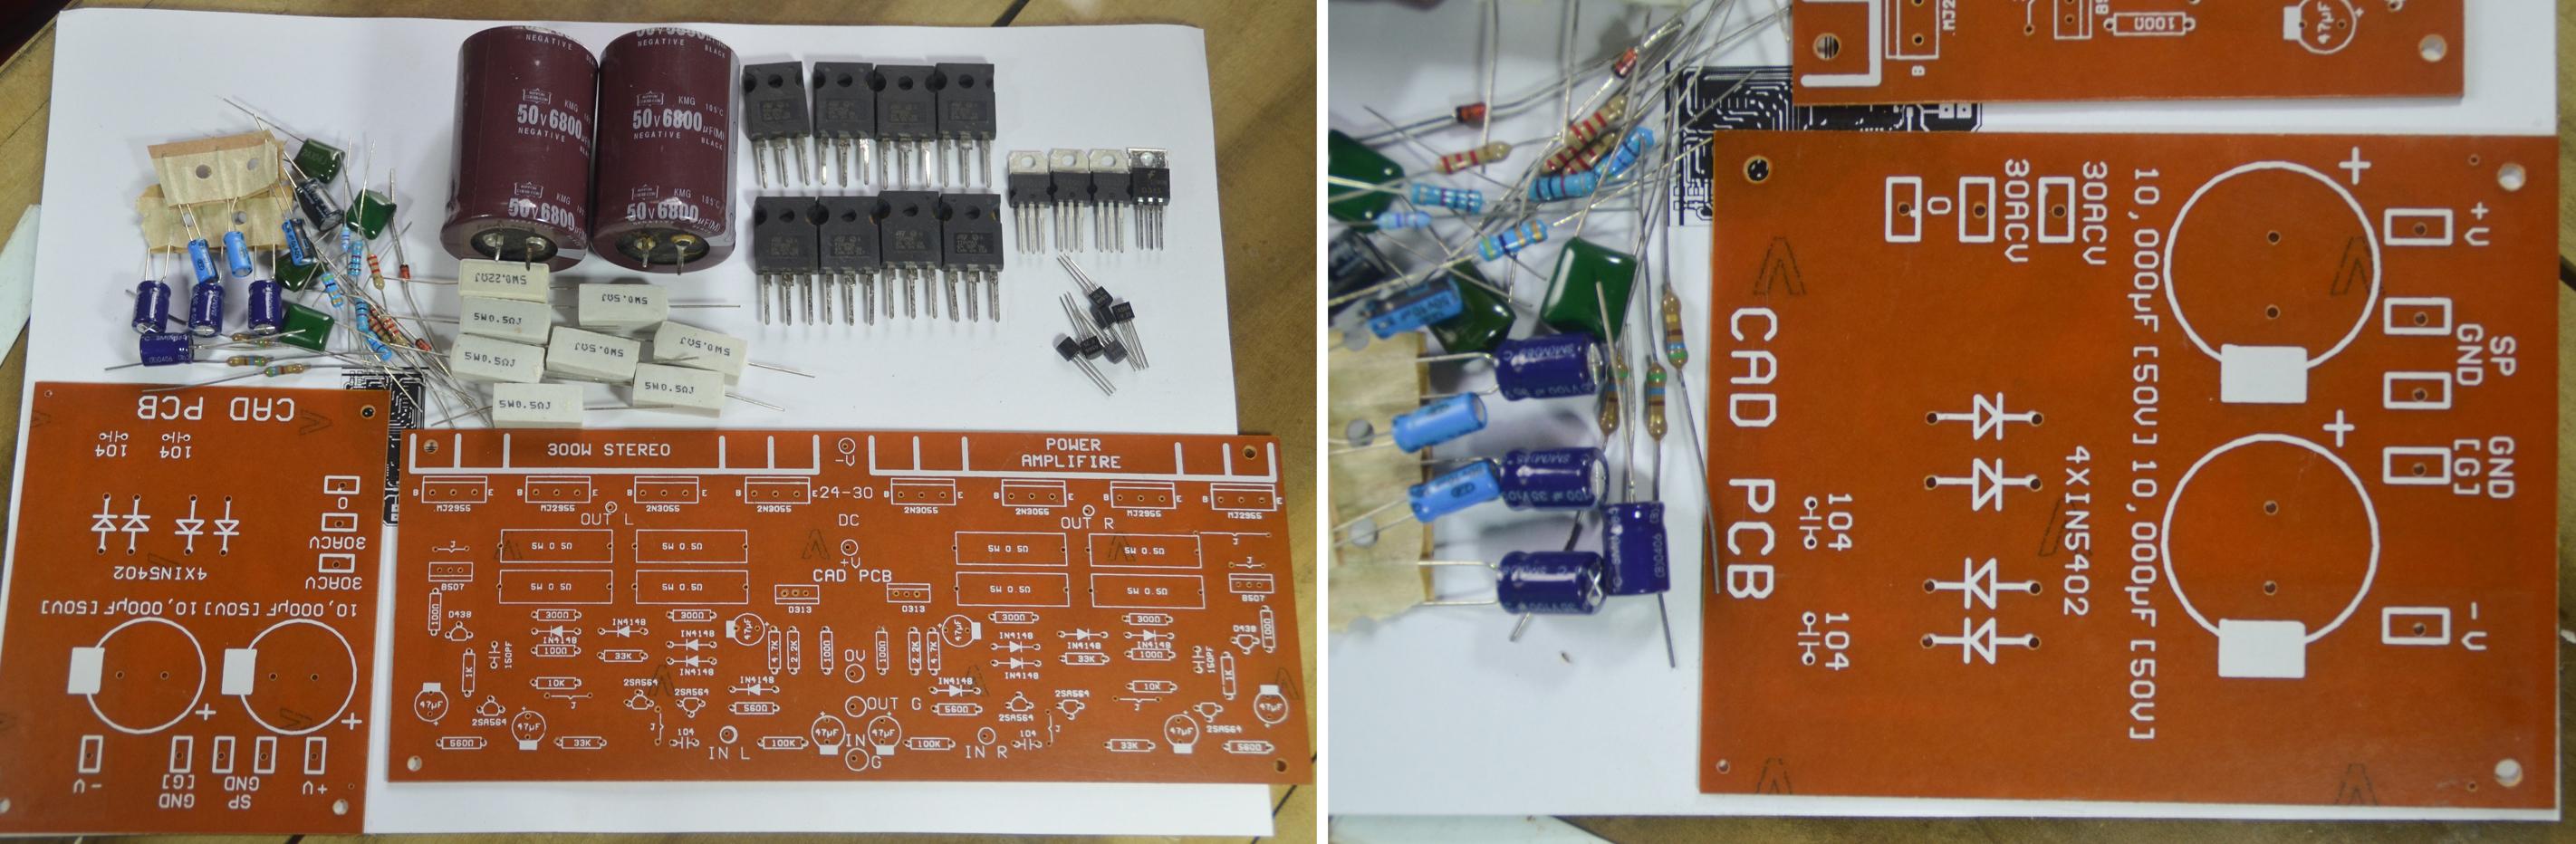 Diy Audio Mixer Schematics Get Free Image About Wiring Diagram